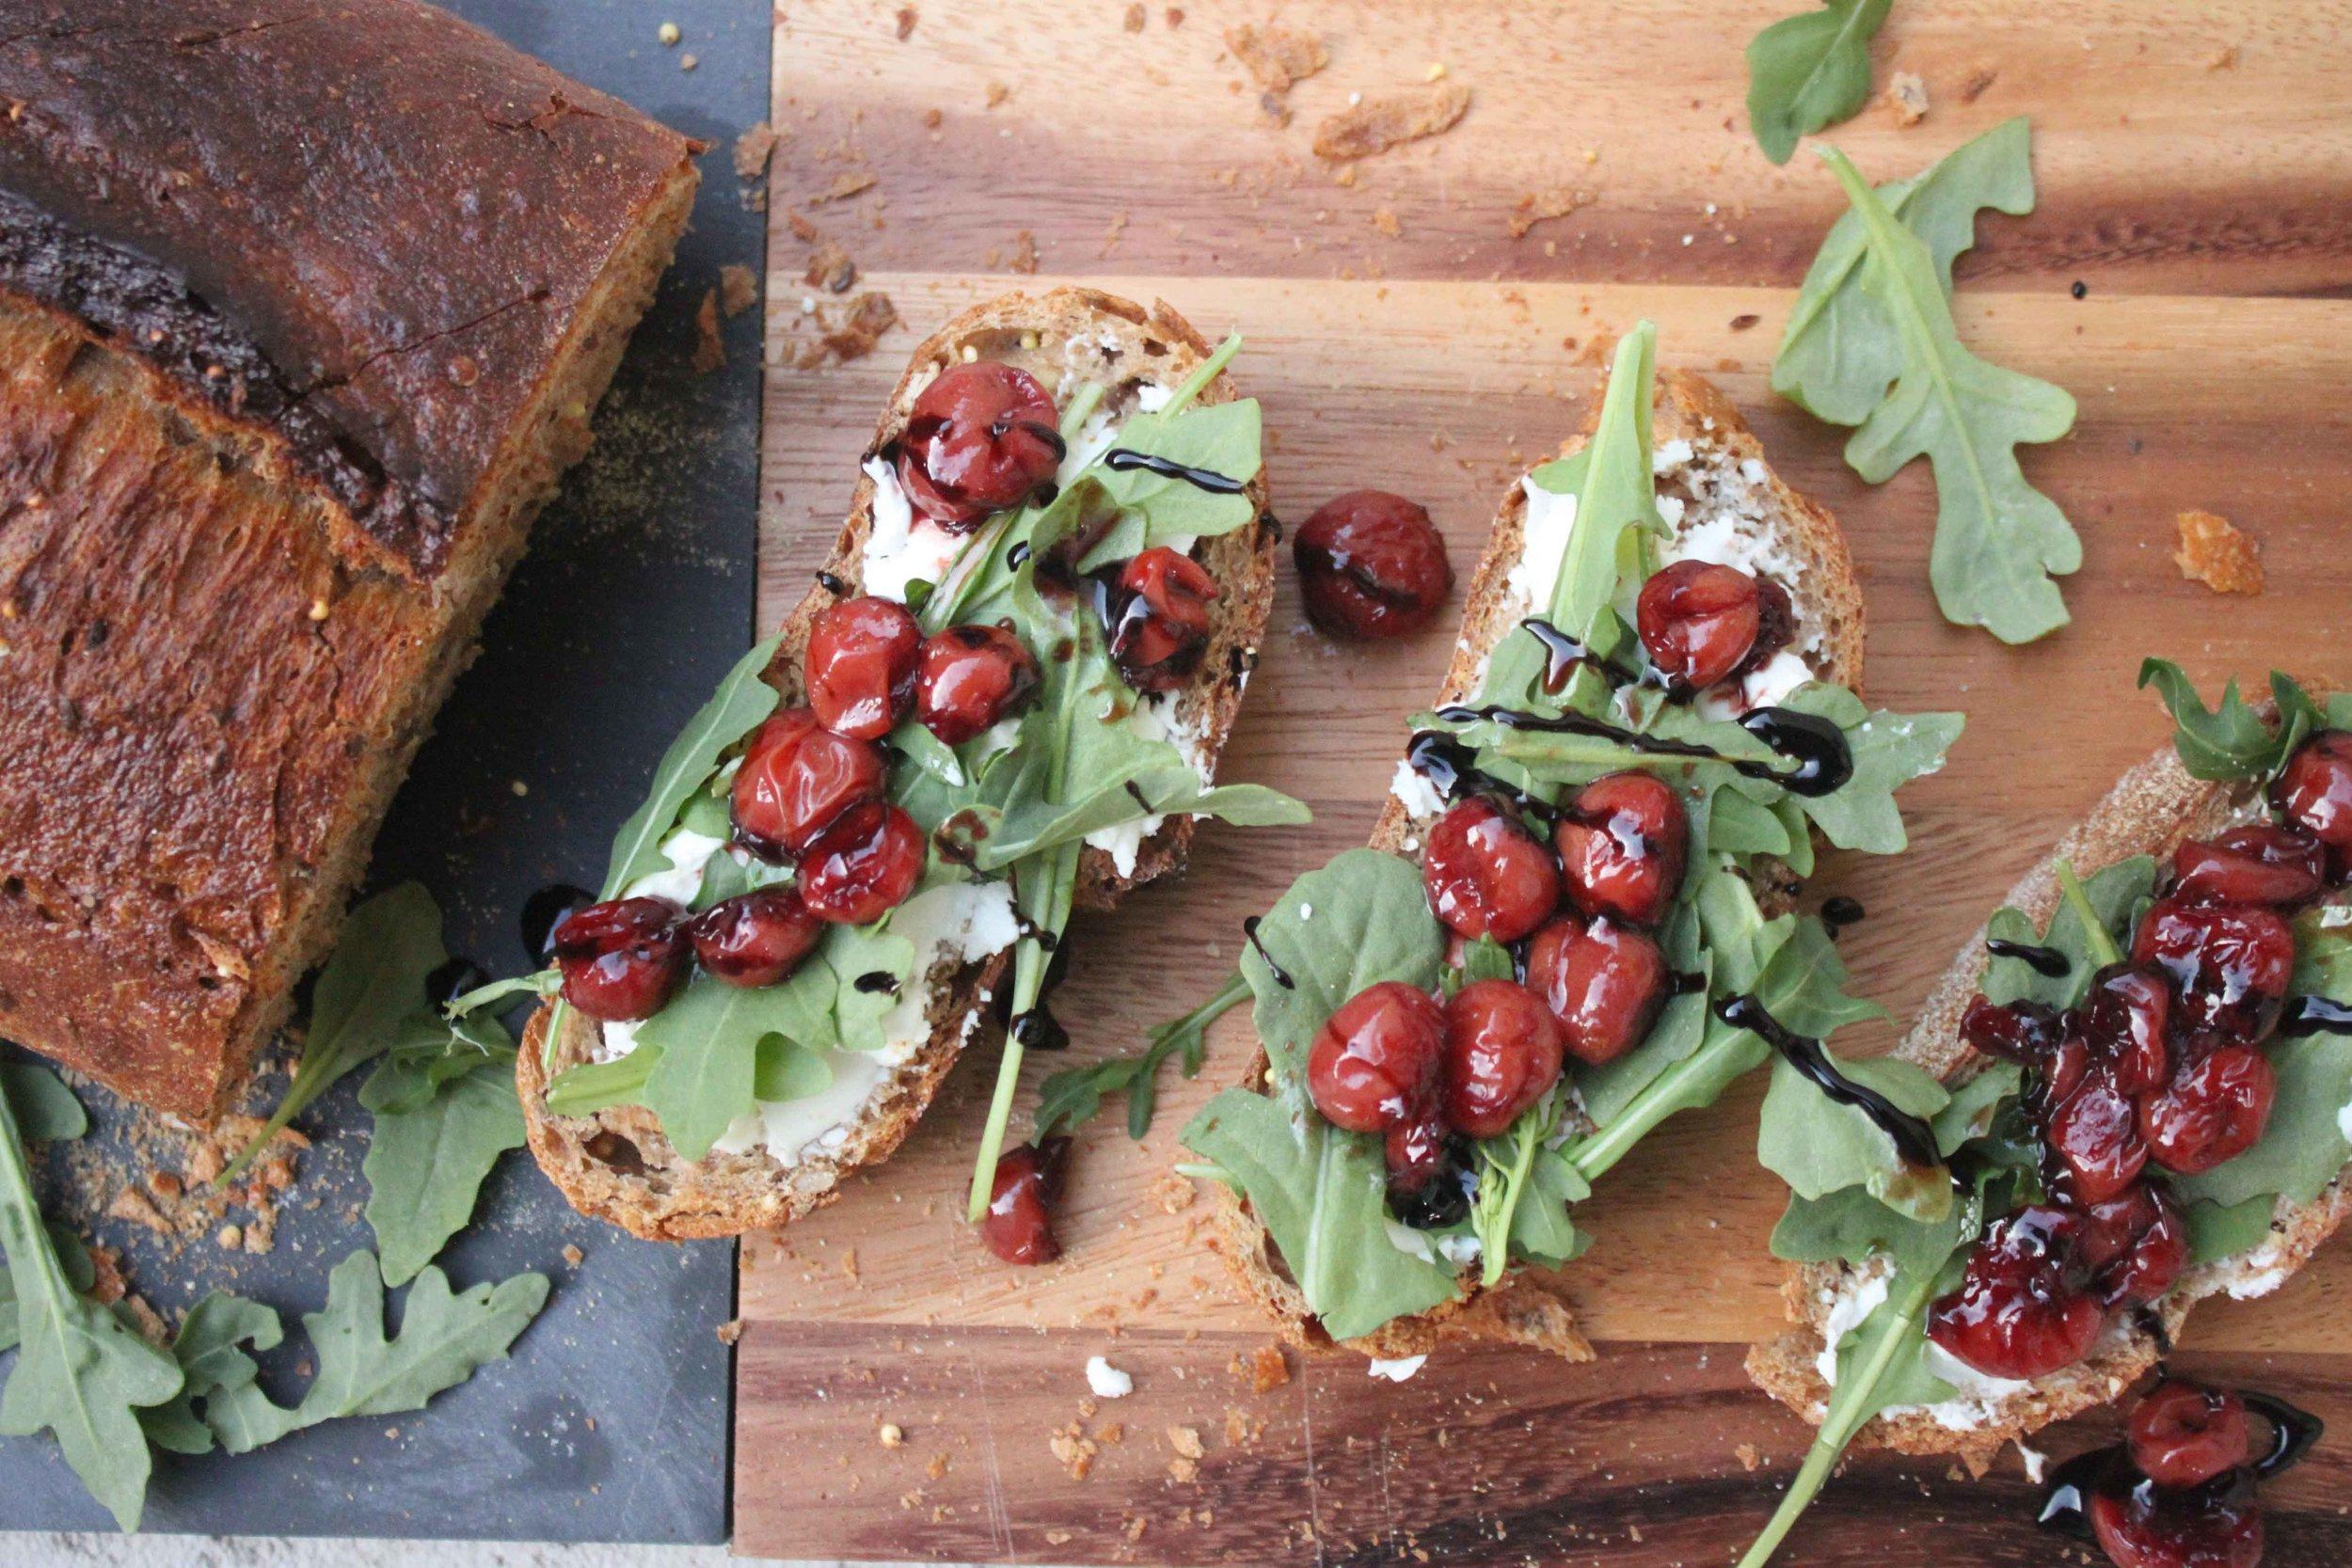 cherries+jubilee+bruschette+recipe+charisma+shah-2.jpeg